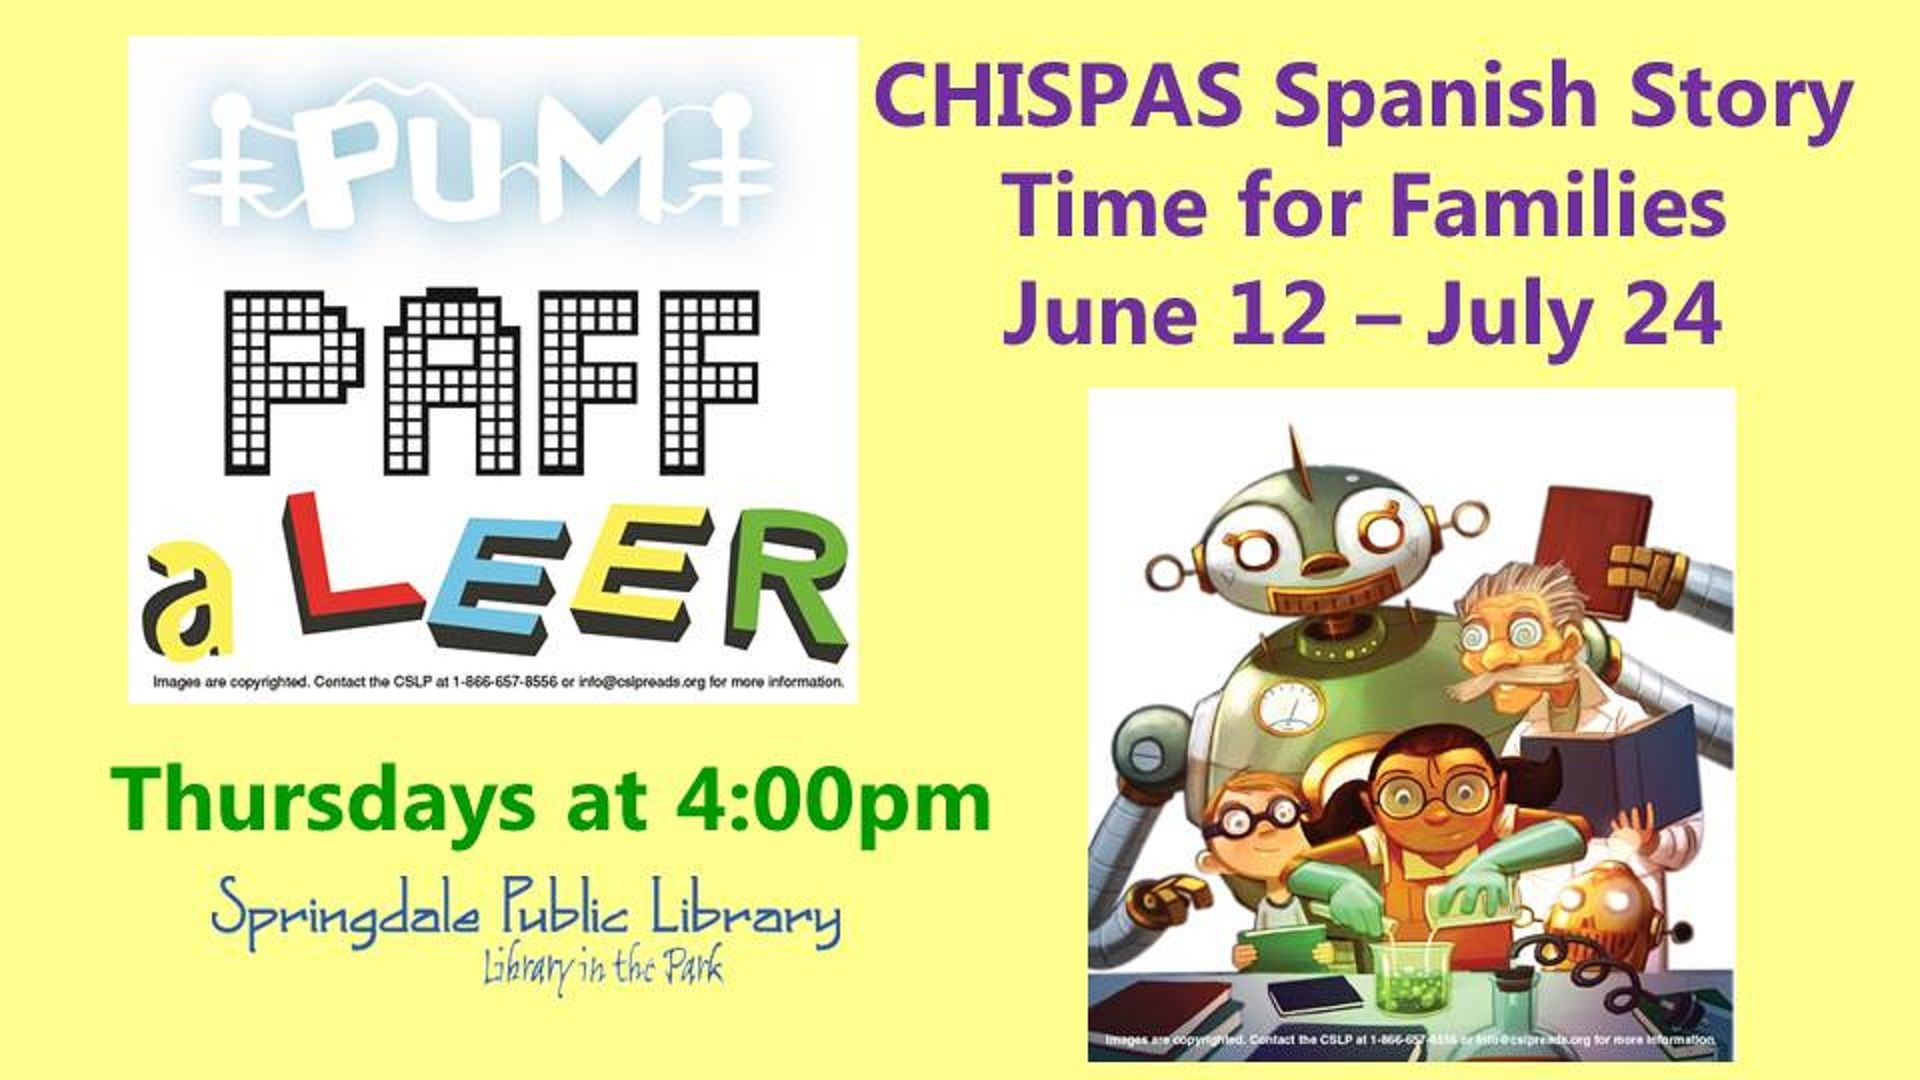 Chispas Spanish Story Time Starts Thursday June 12th